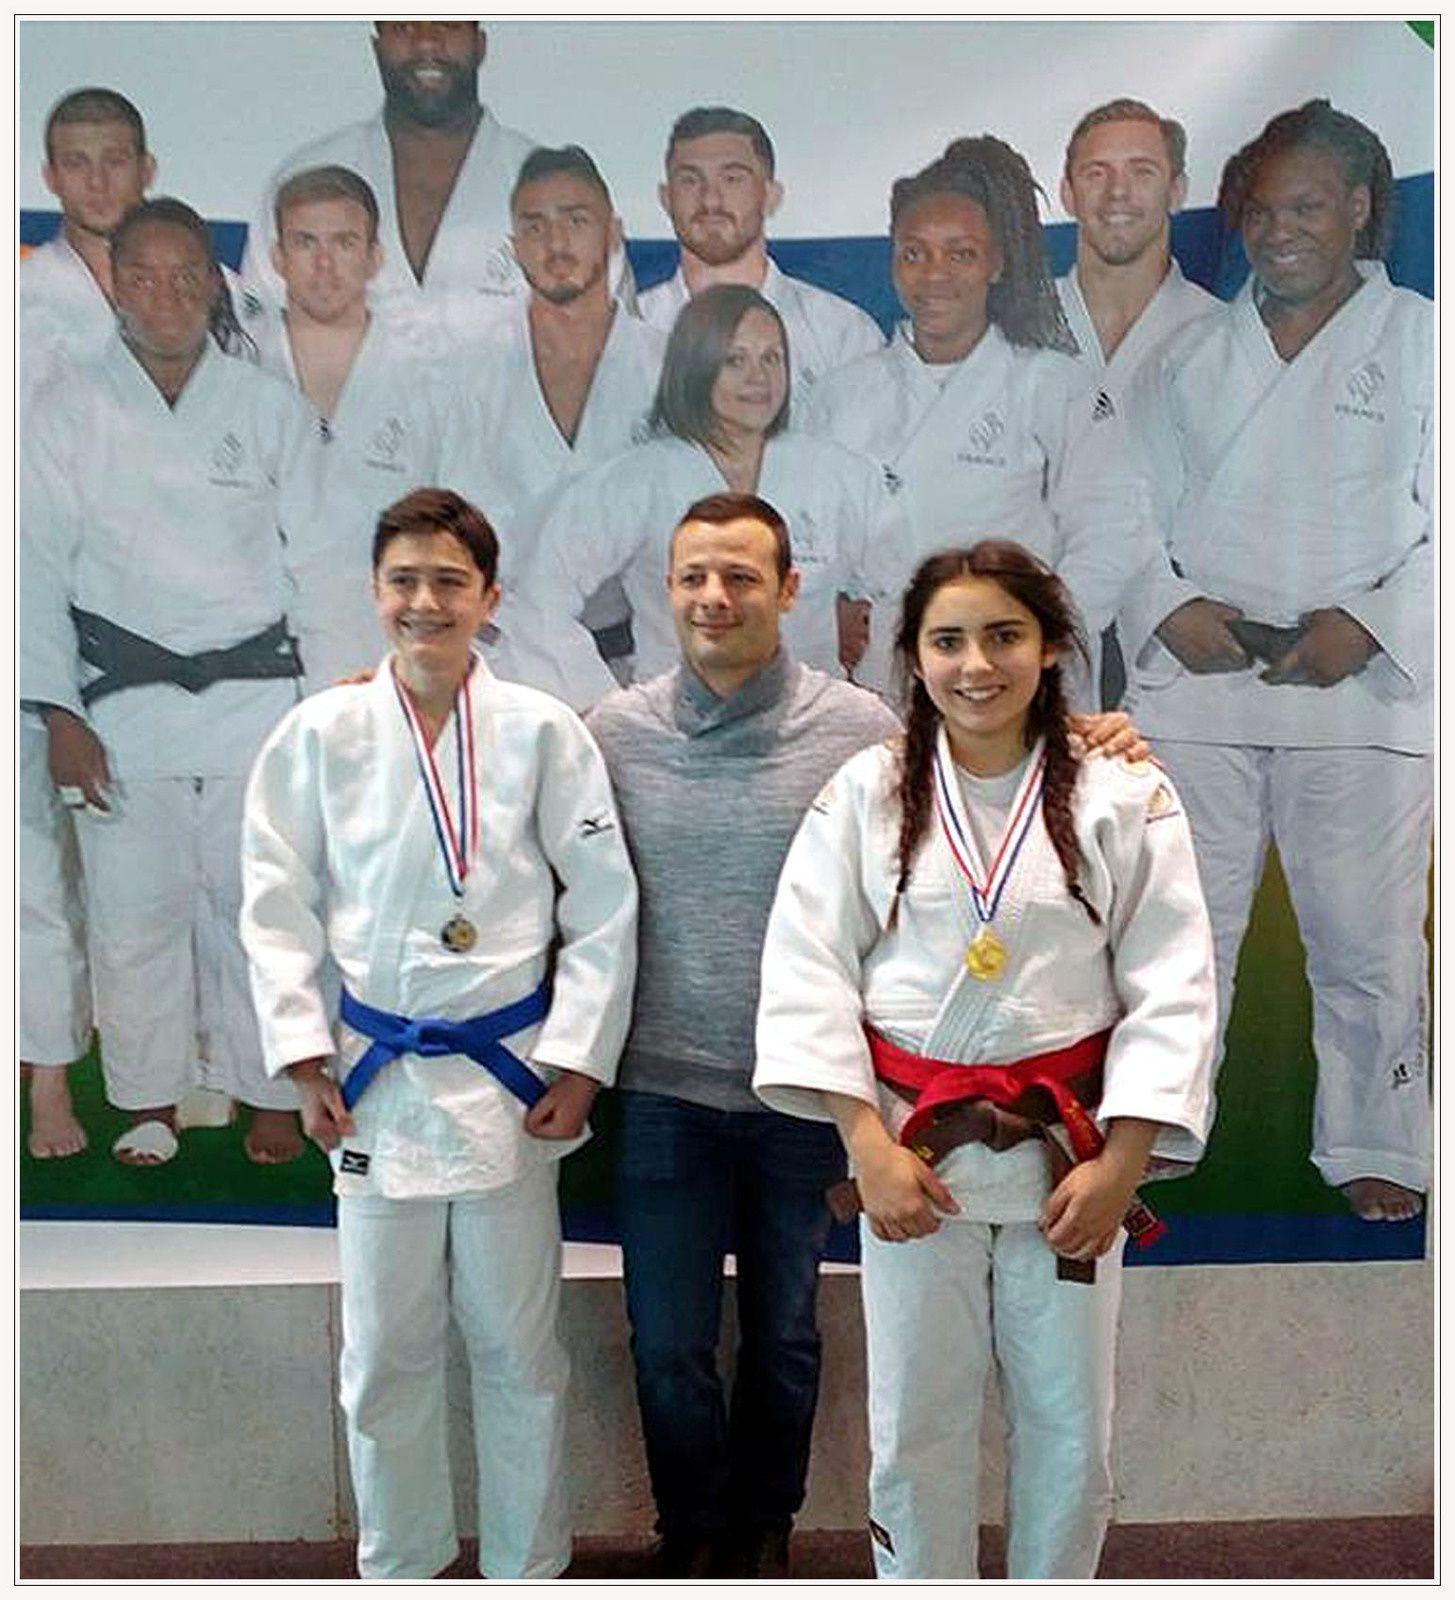 Le judo club de St André encore et toujours à l honneur!